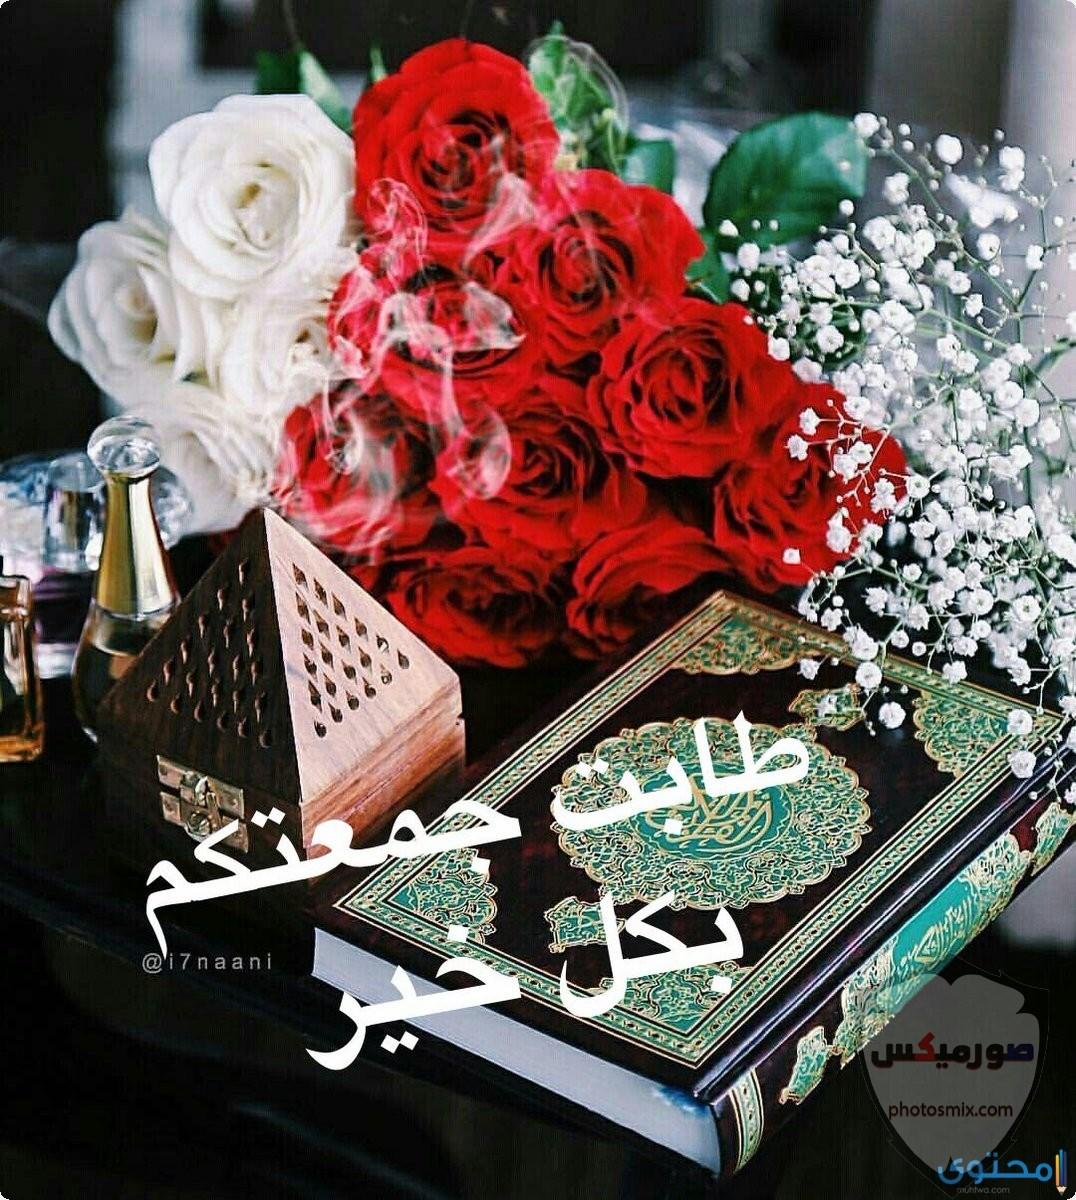 جمعة مباركة صور جمعة مباركه 2020 ادعية يوم الجمعه مصورة مكتوب عليها جمعة مباركة 7